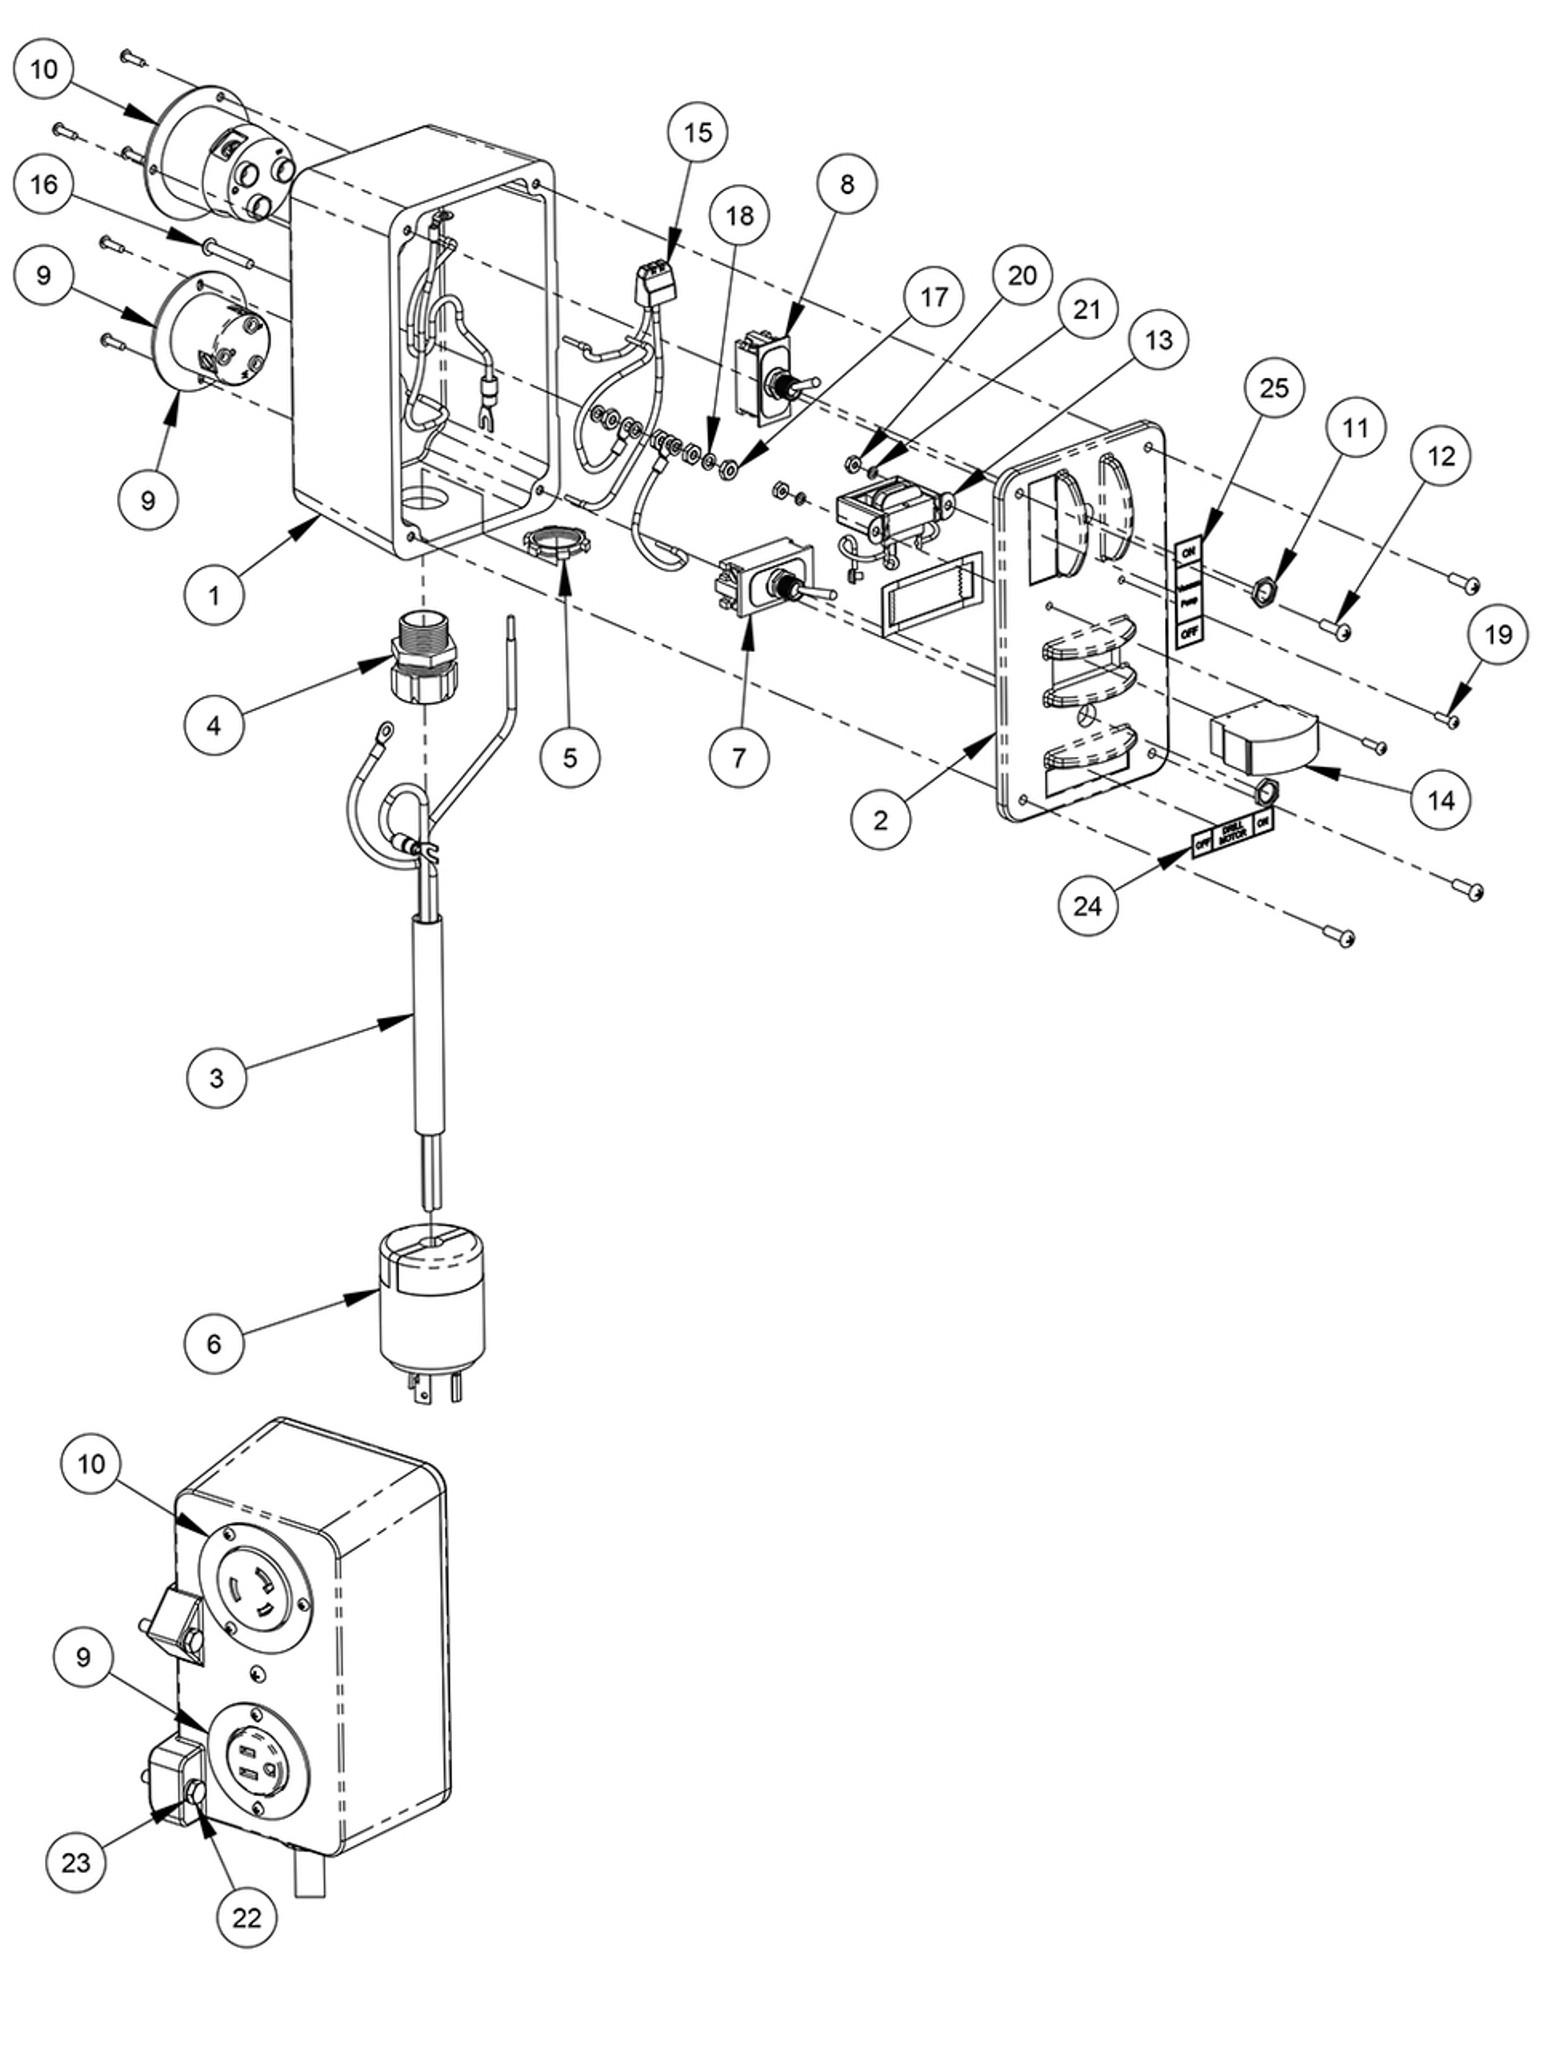 Connector, Push-In 3 Port, 14-10 Ga Wire | Core Bore M-5 Pro | 2801800